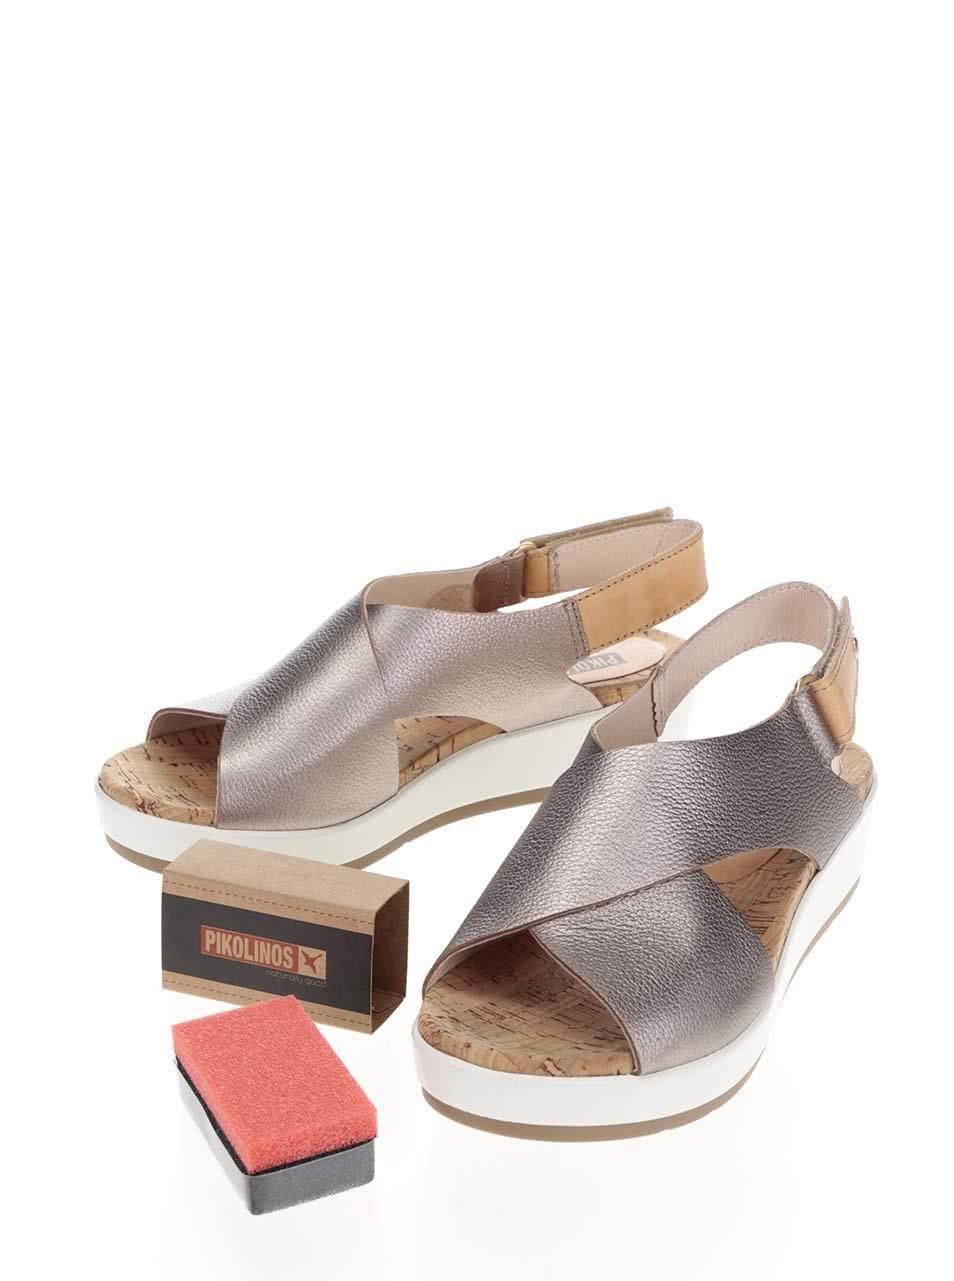 Béžové kožené metalické sandále na klinovom podpätku Mykonos ... 60f970c3e99